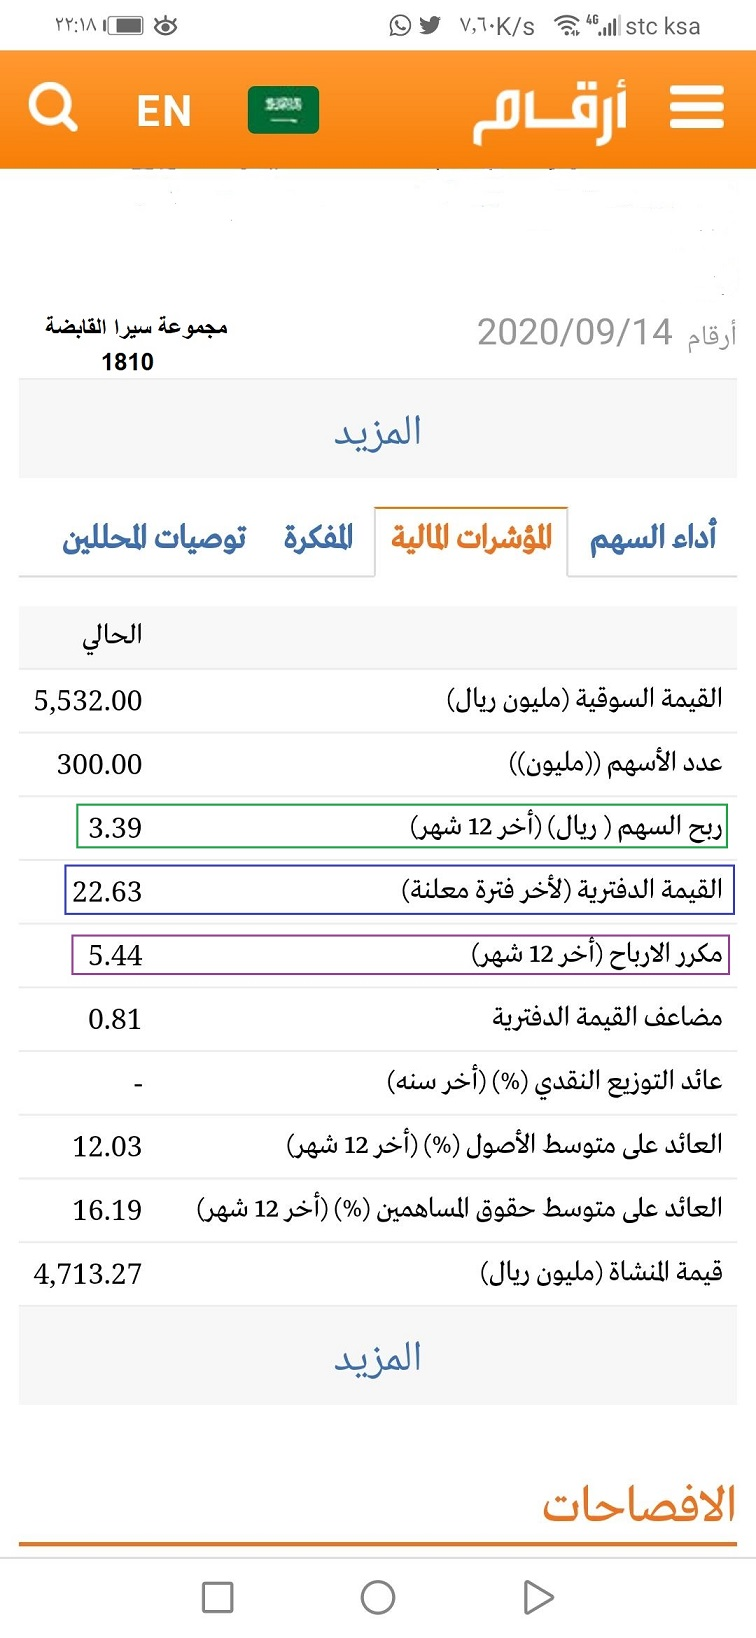 رد: سهم شركة  مجموعة سيرا القابضة